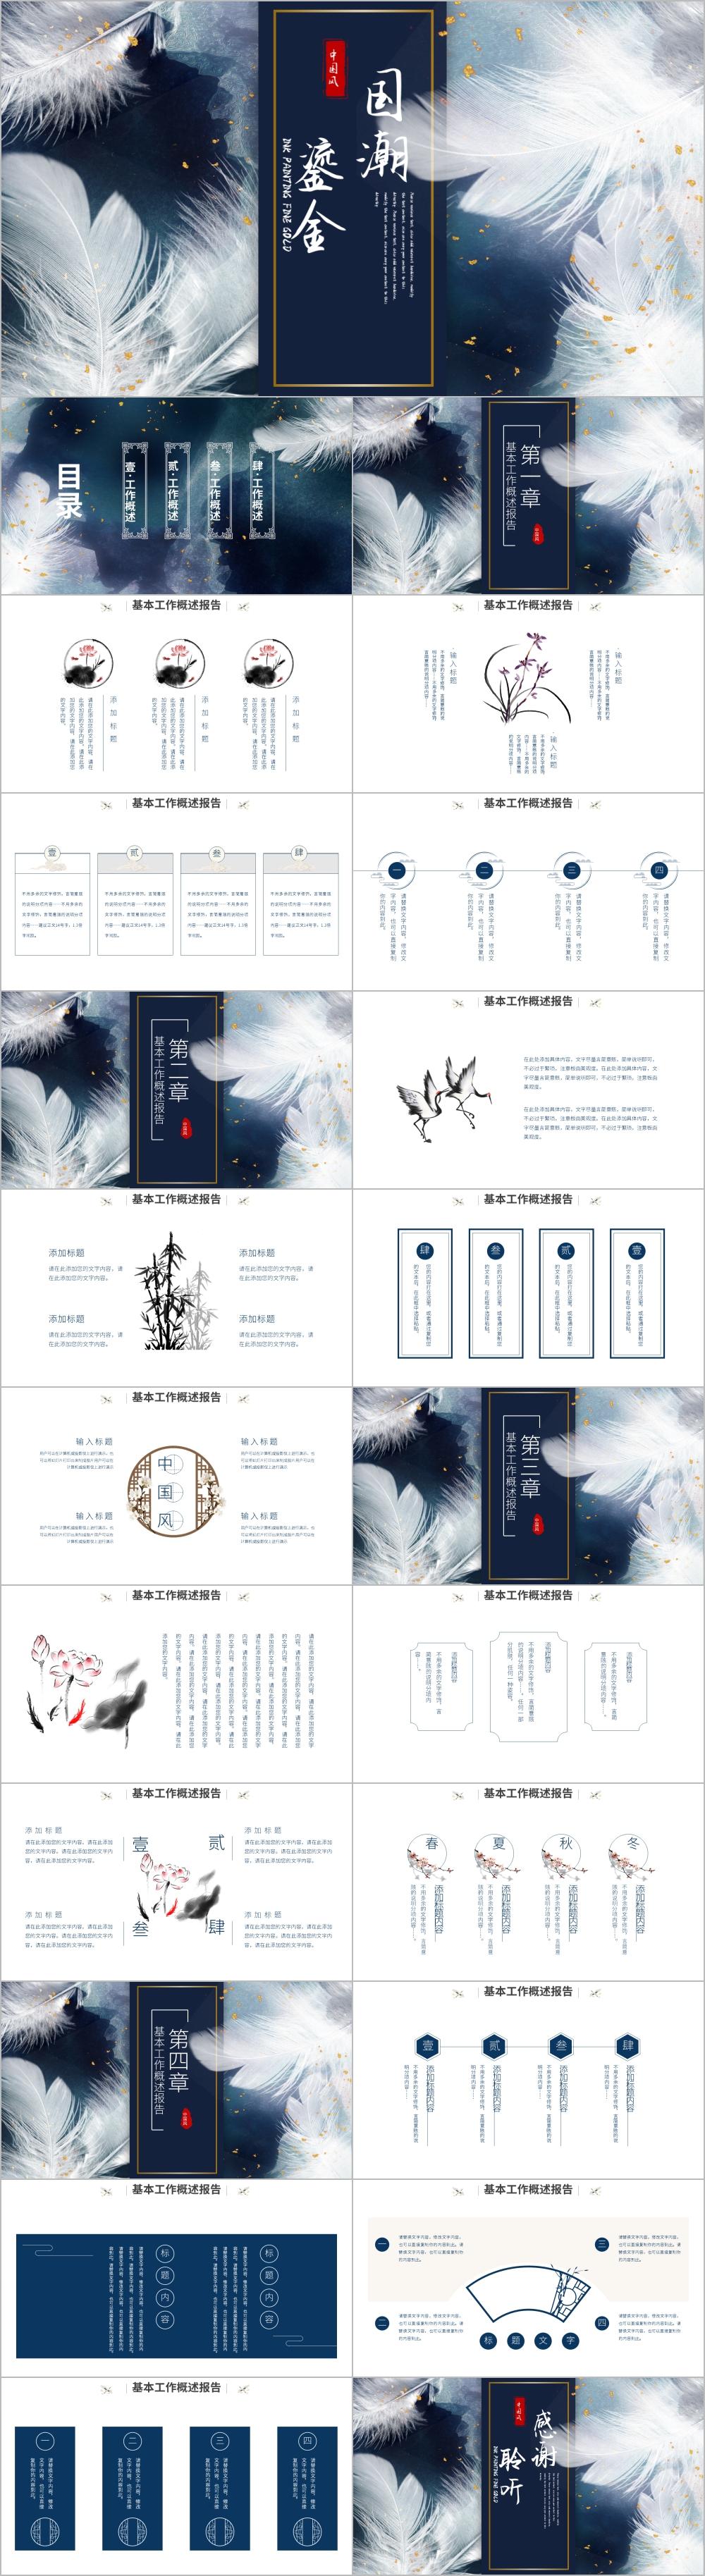 国潮鎏金中国风国学文化PPT模板